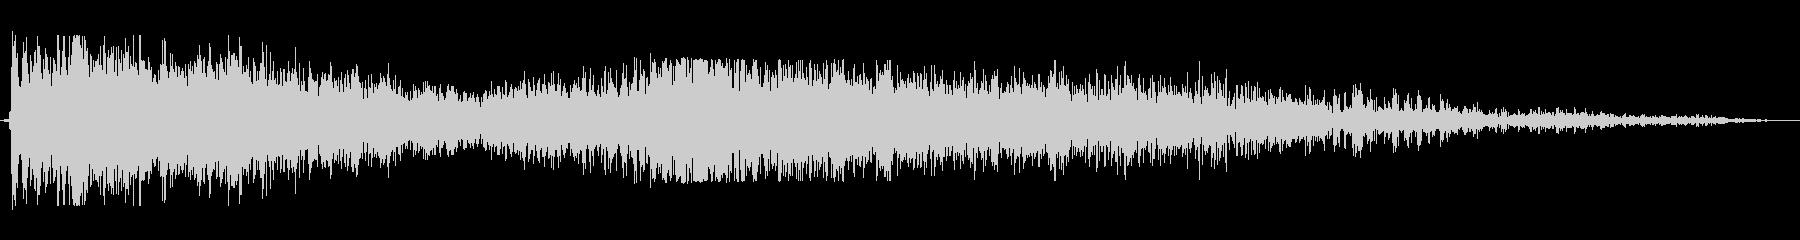 爆発;複数01の未再生の波形